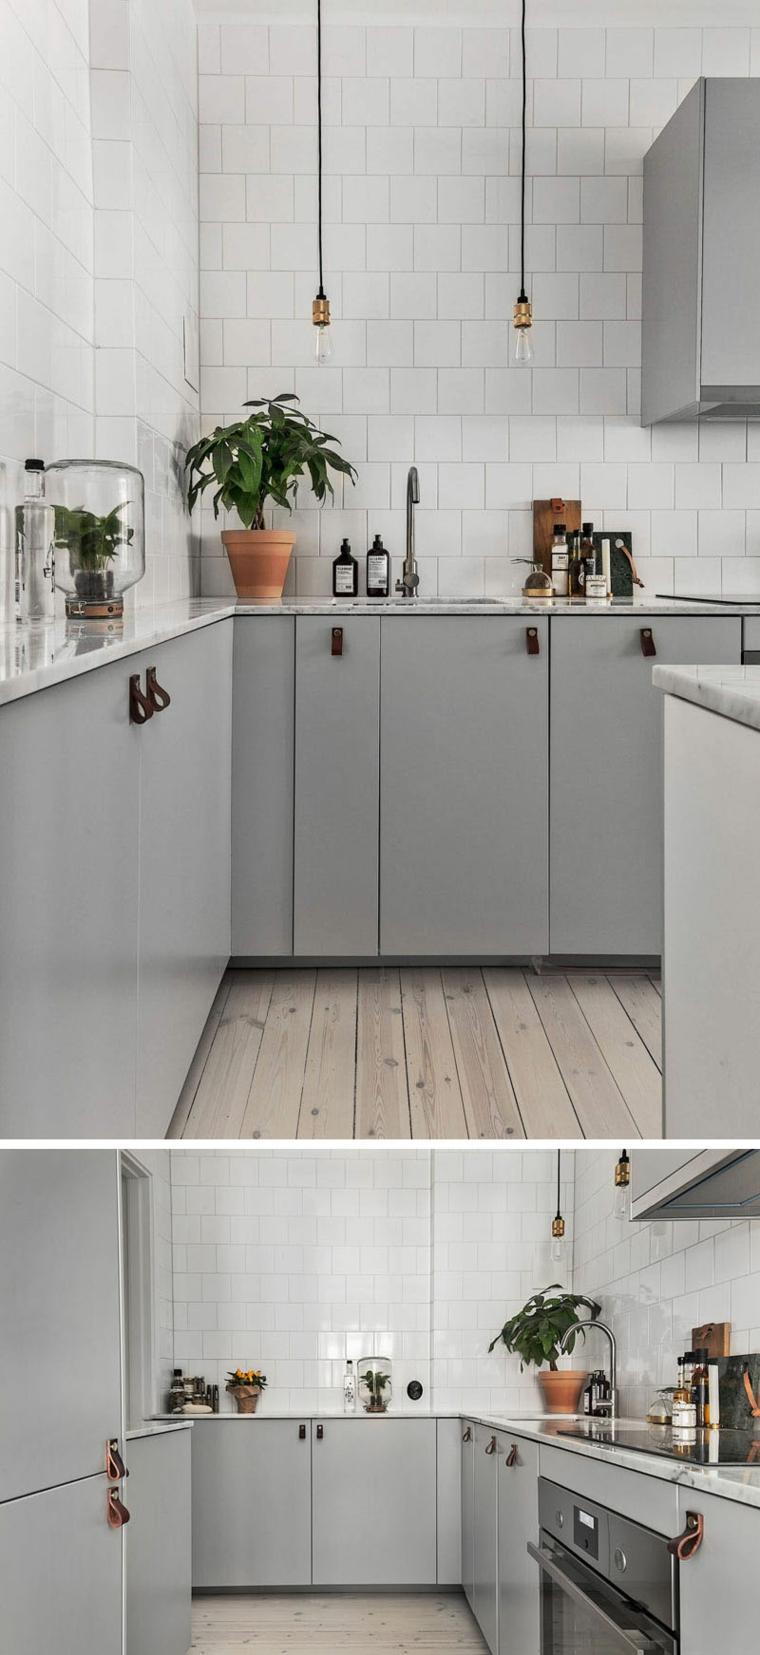 Cucine bicolore, cucina con mobili di colore grigio, cucina con pavimento in legno